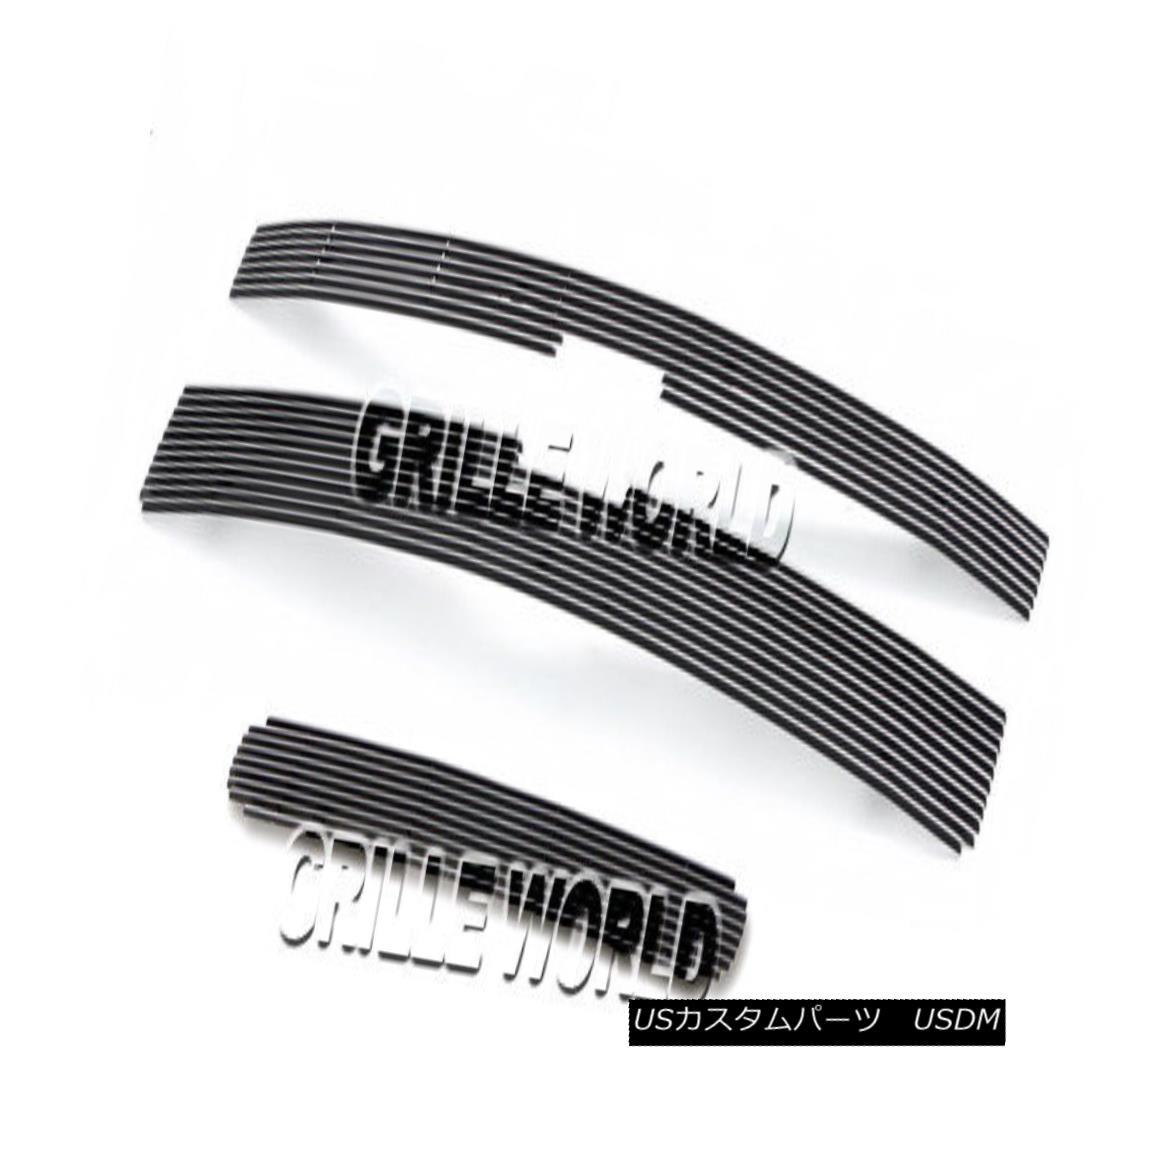 グリル For Chevy Silverado 2500HD/3500HD Billet Premium Grille Grill Combo 2011-2014 Chevy Silverado 2500HD / 3500HDビレットプレミアムグリルグリルコンボ2011-2014